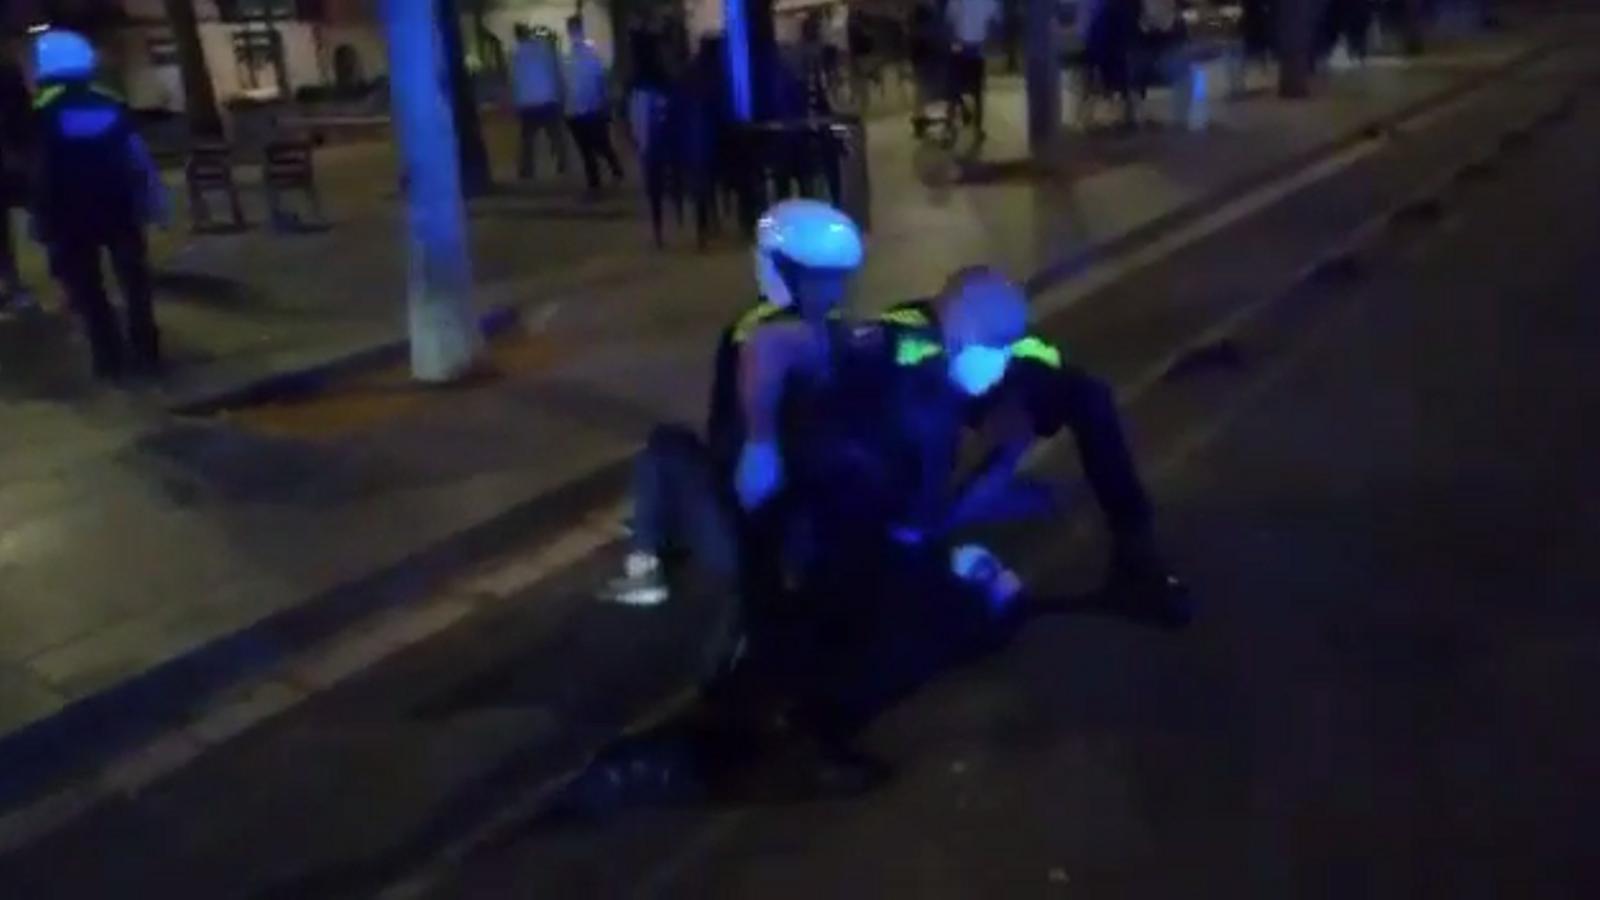 Amics dels activistes detinguts van gravar part de l'arrest i l'actuació policial